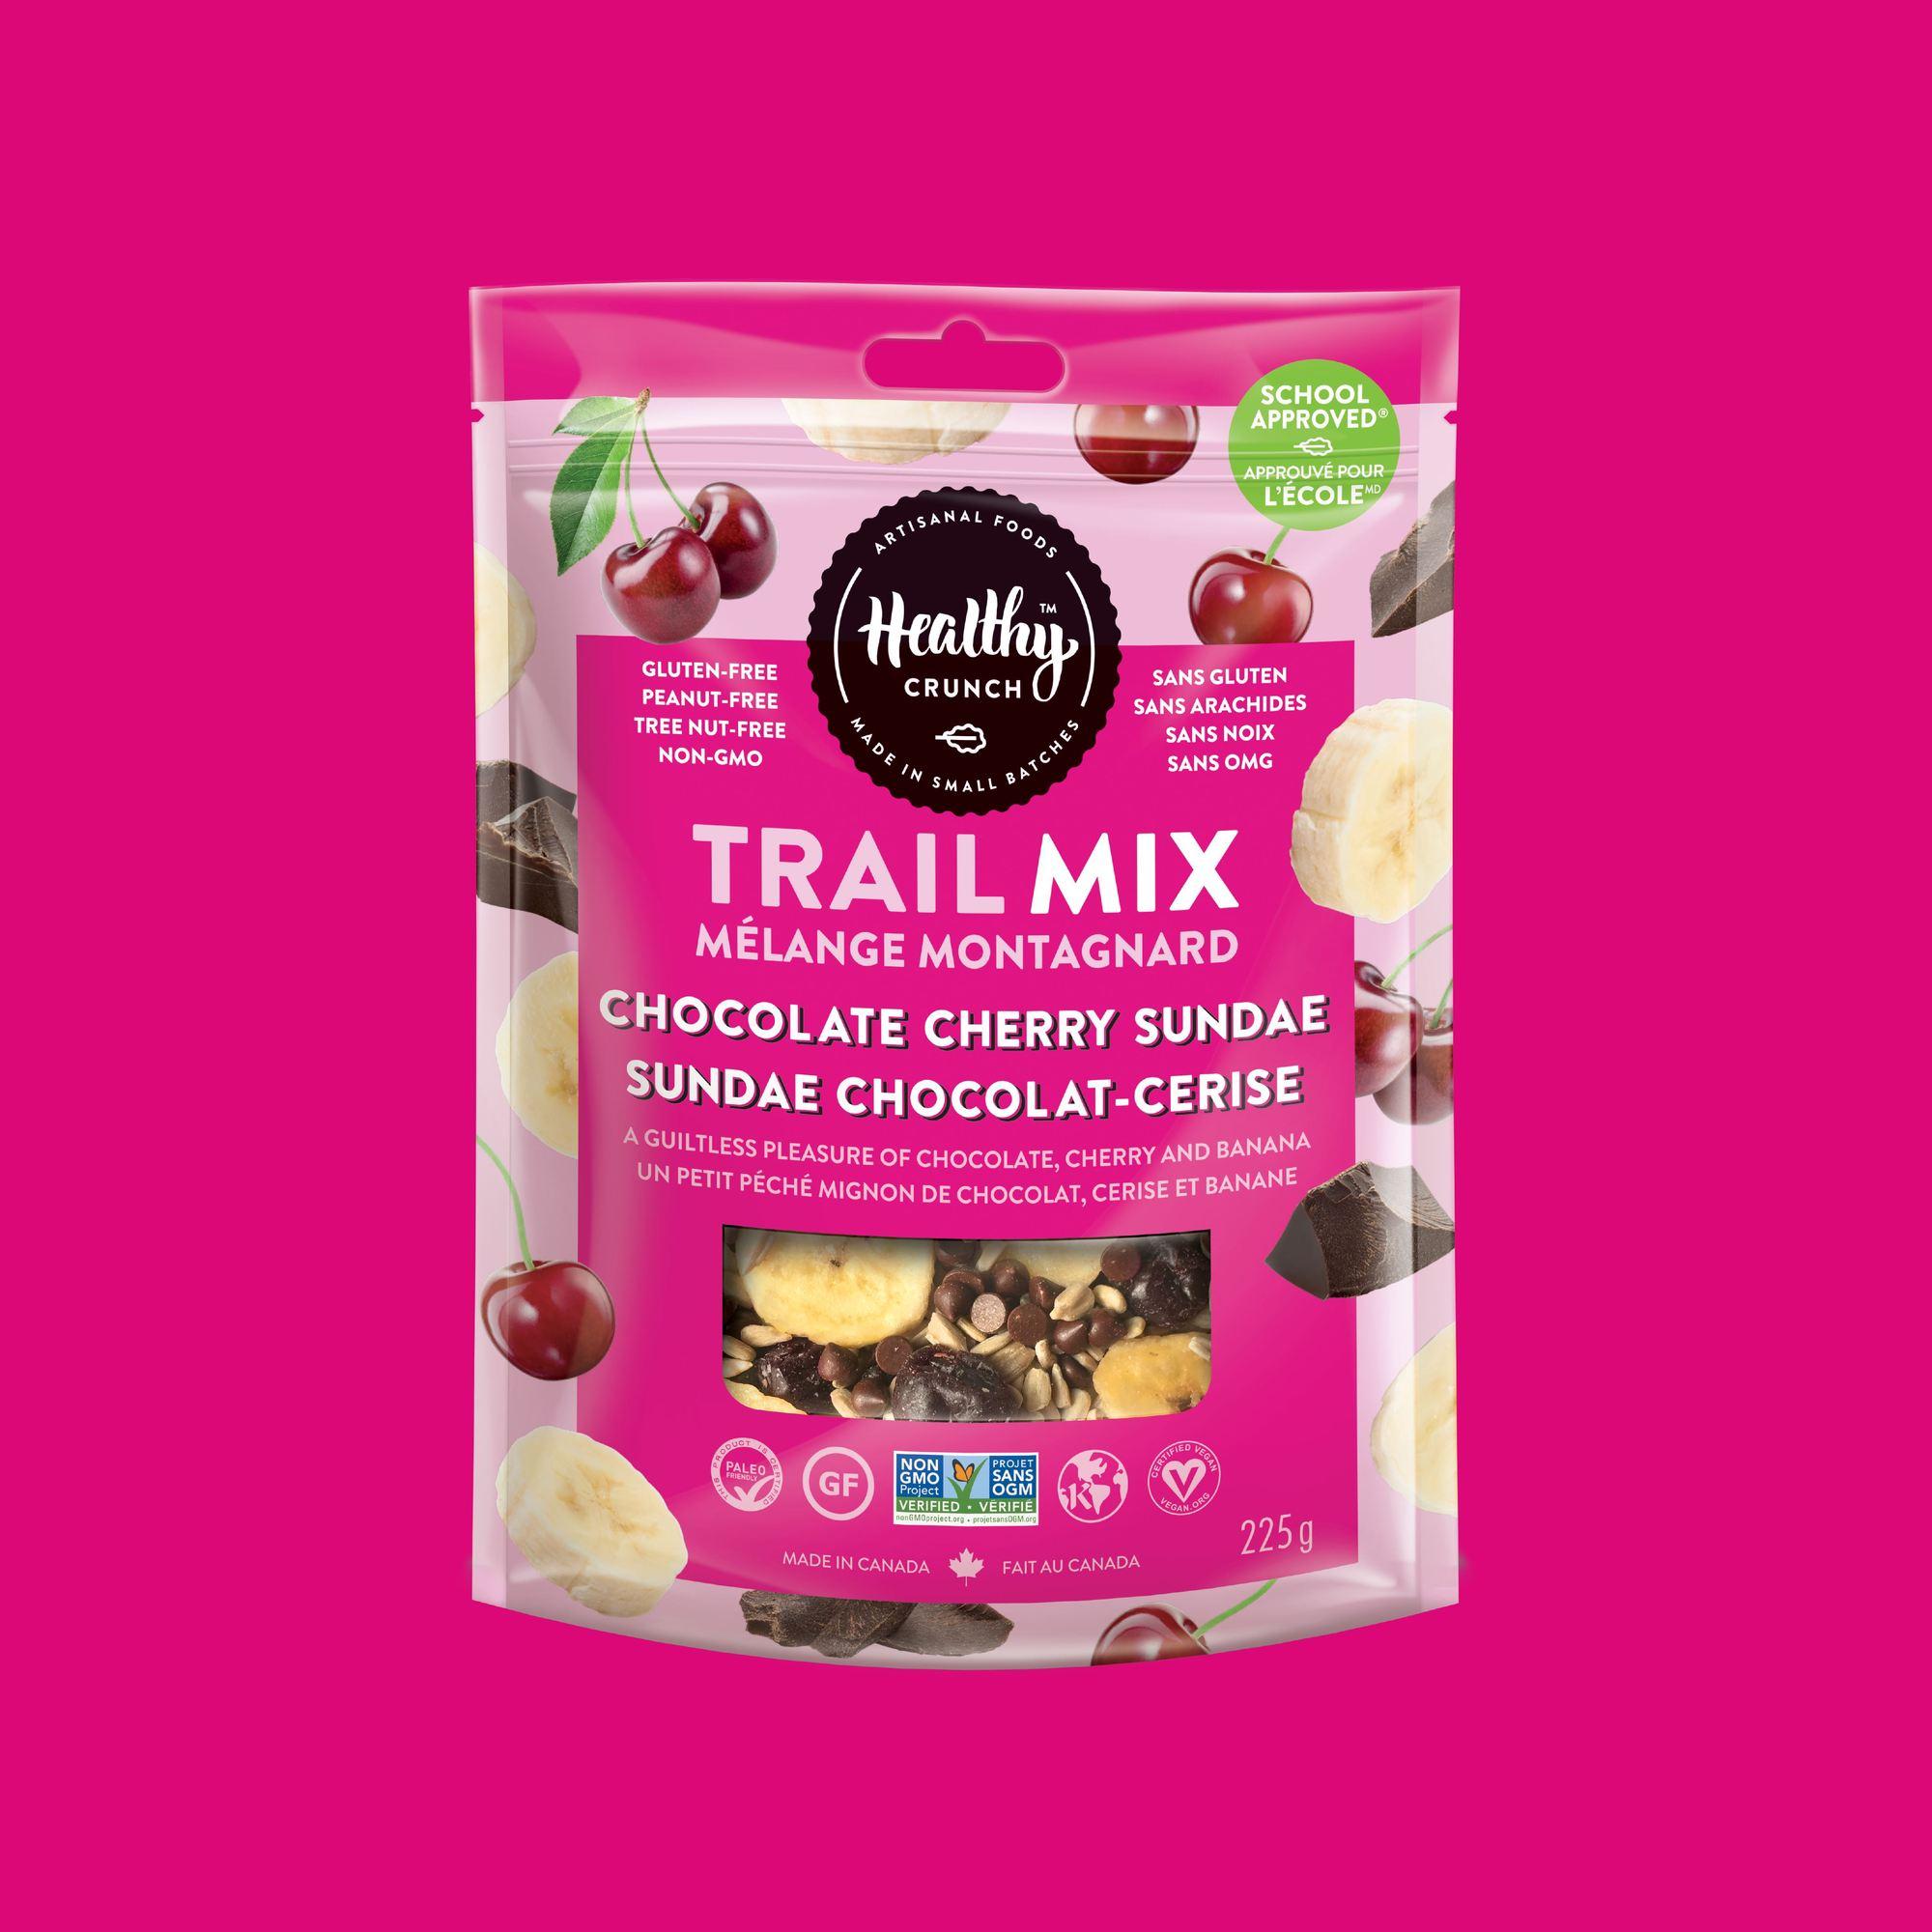 Chocolate Cherry Sundae Trail Mix